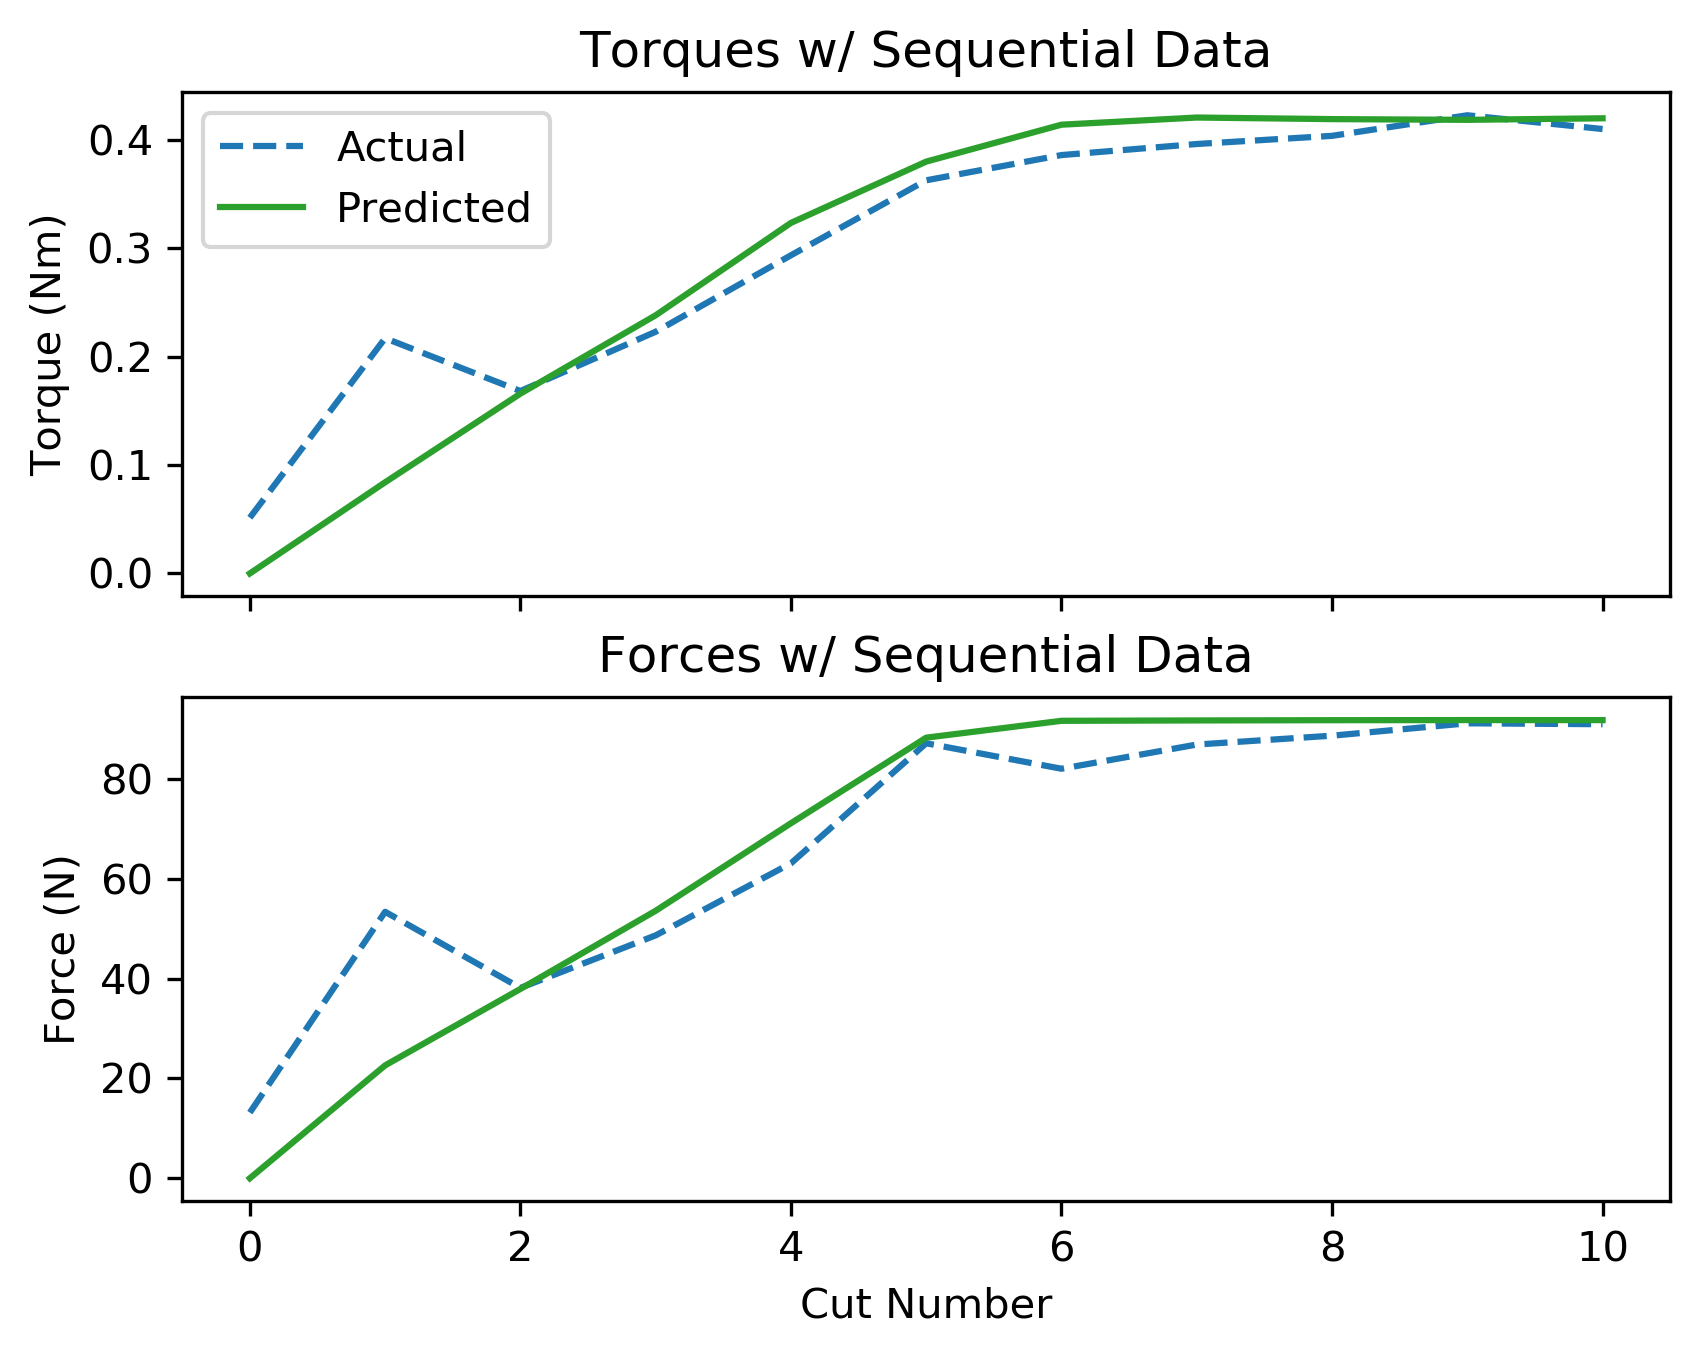 assets/ammp_graphs/ammp-4140-3_8_seq_data.png